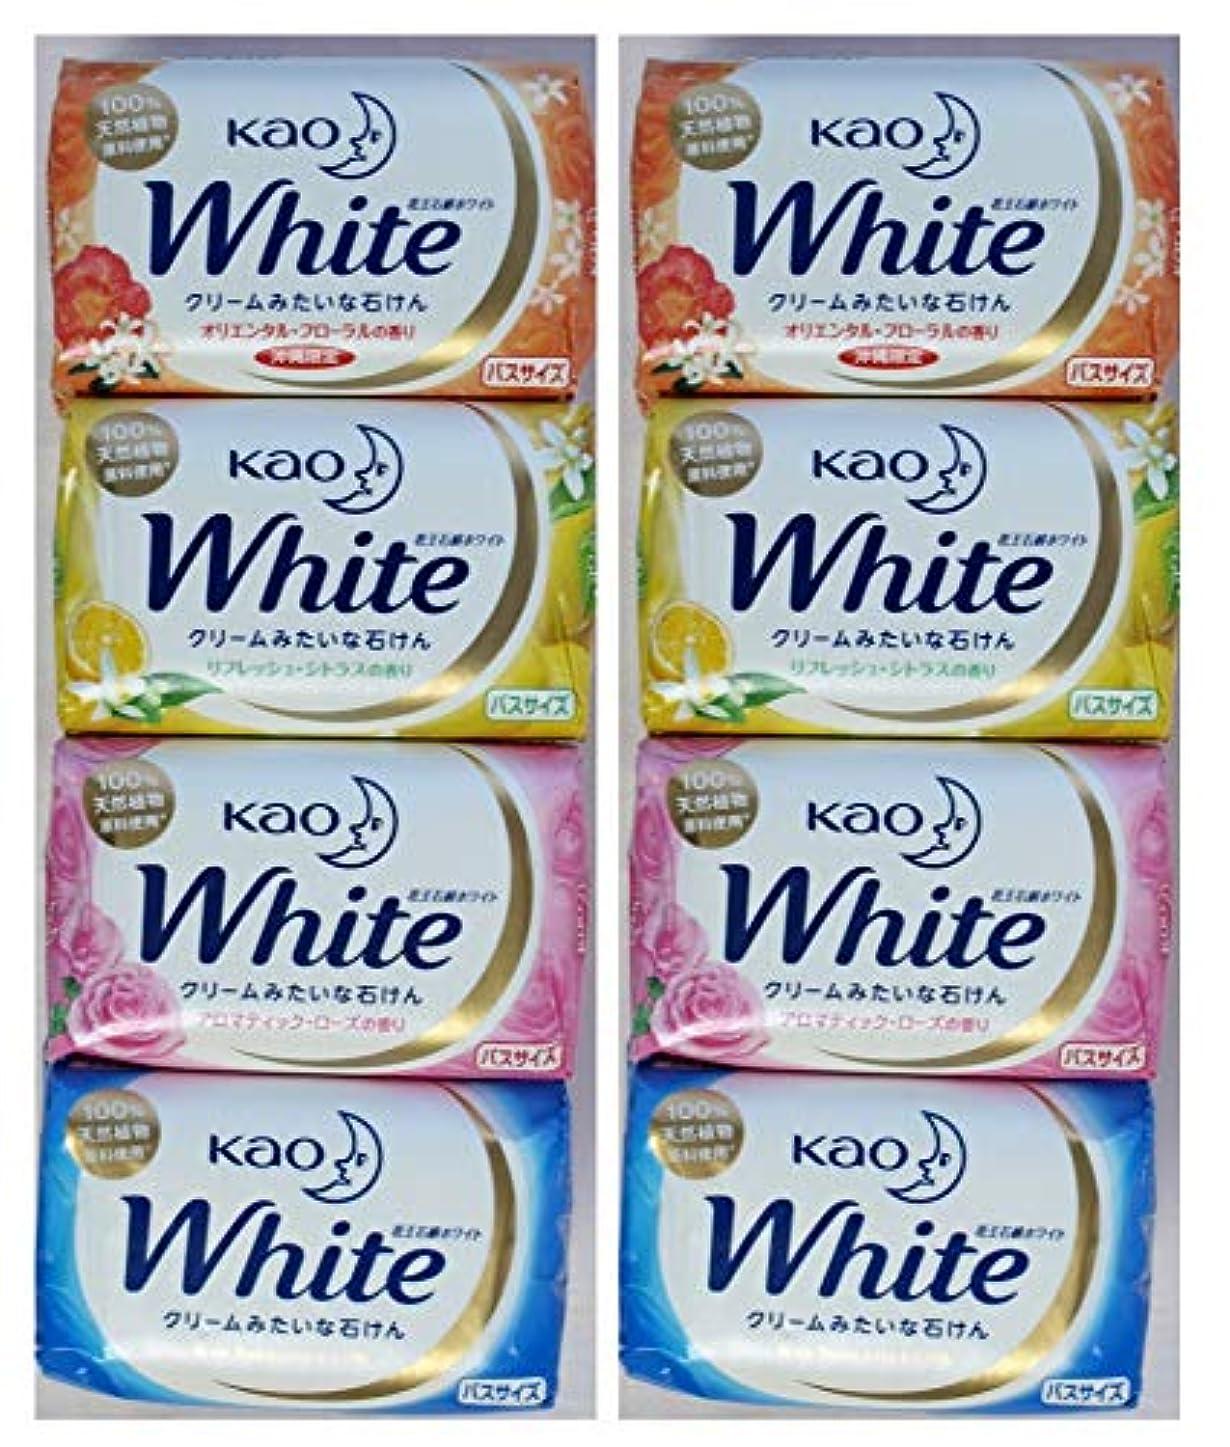 肥料極小先住民561988-8P 花王 Kao 石けんホワイト 4つの香り(オリエンタルフローラル/ホワイトフローラル/アロマティックローズ/リフレッシュシトラスの4種) 130g×4種×2set 計8個